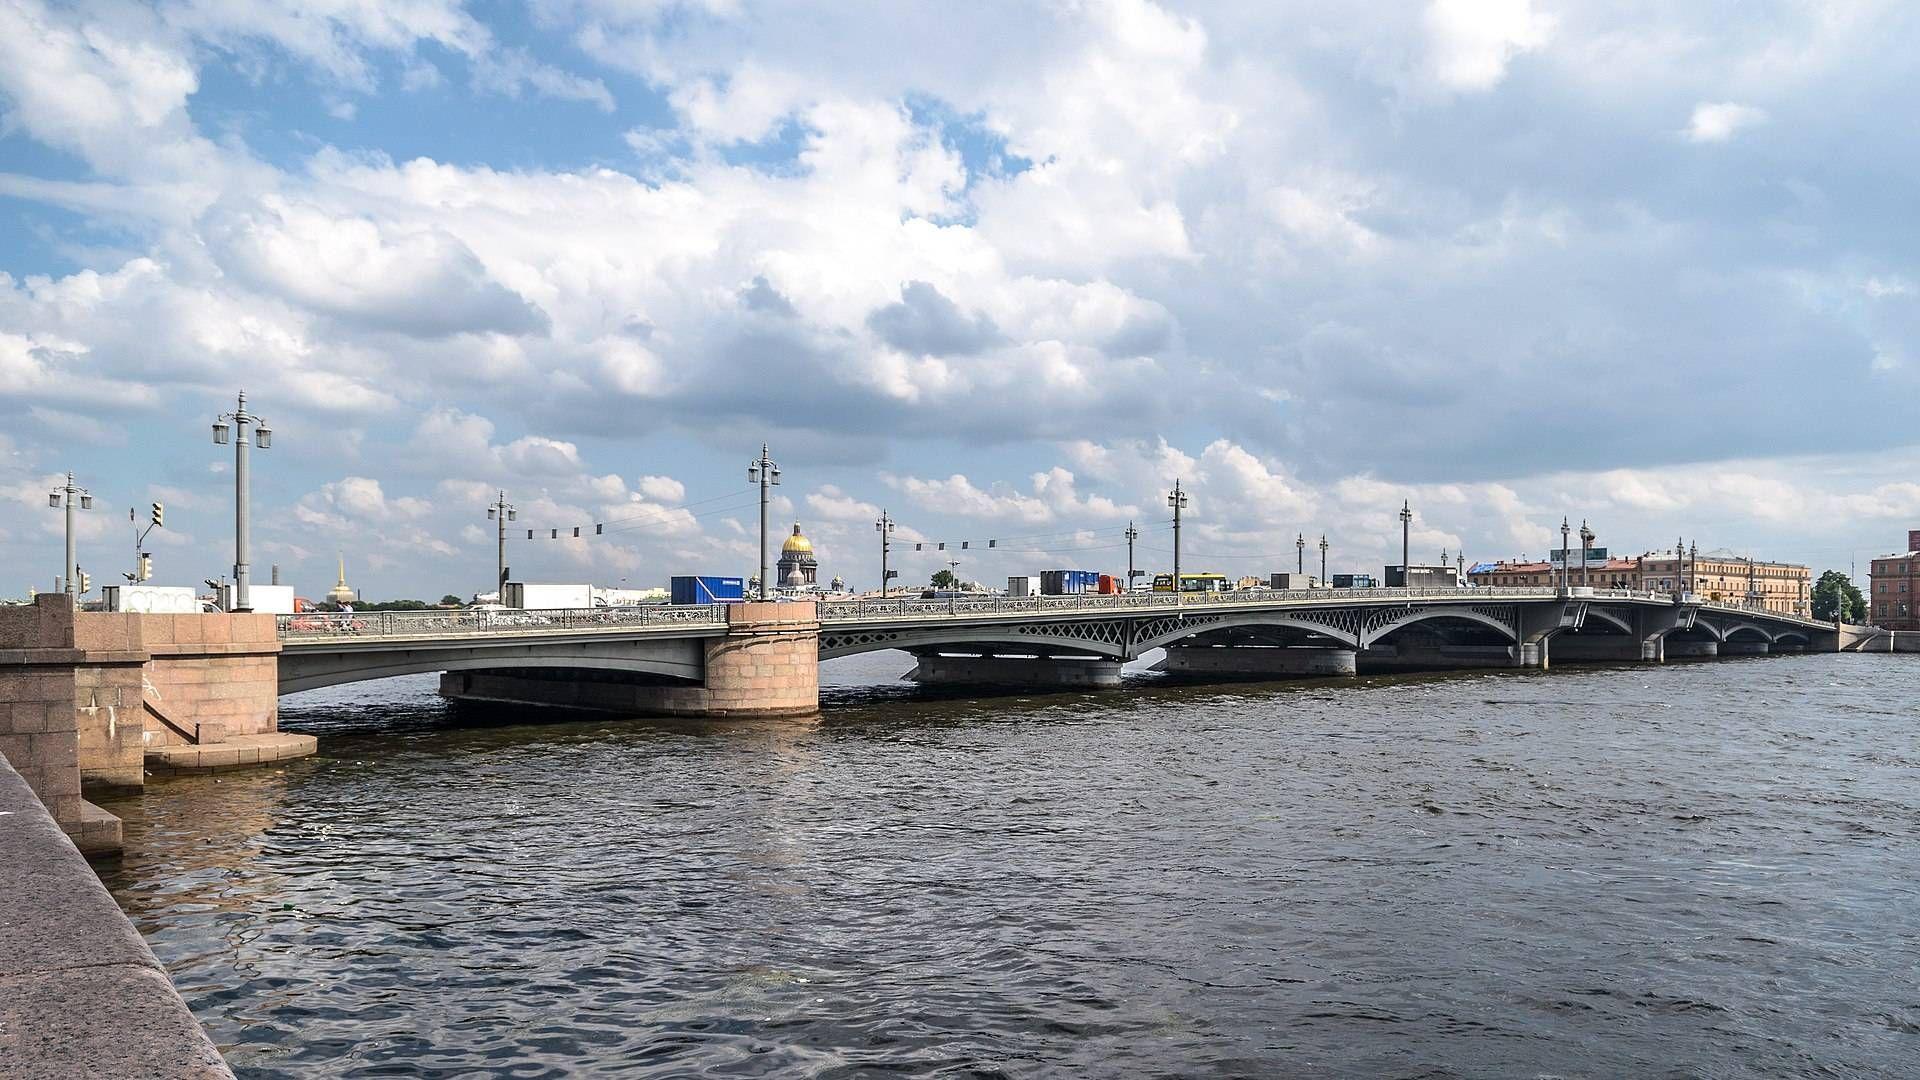 Благовещенский мост в Санкт-Петербурге, вид с набережной Лейтенанта Шмидта